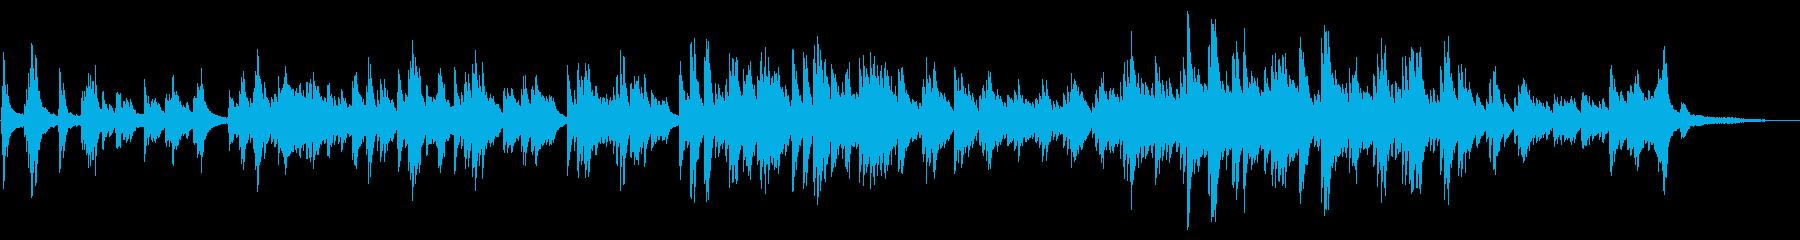 結婚式/CM 感動的で華やかなピアノソロの再生済みの波形